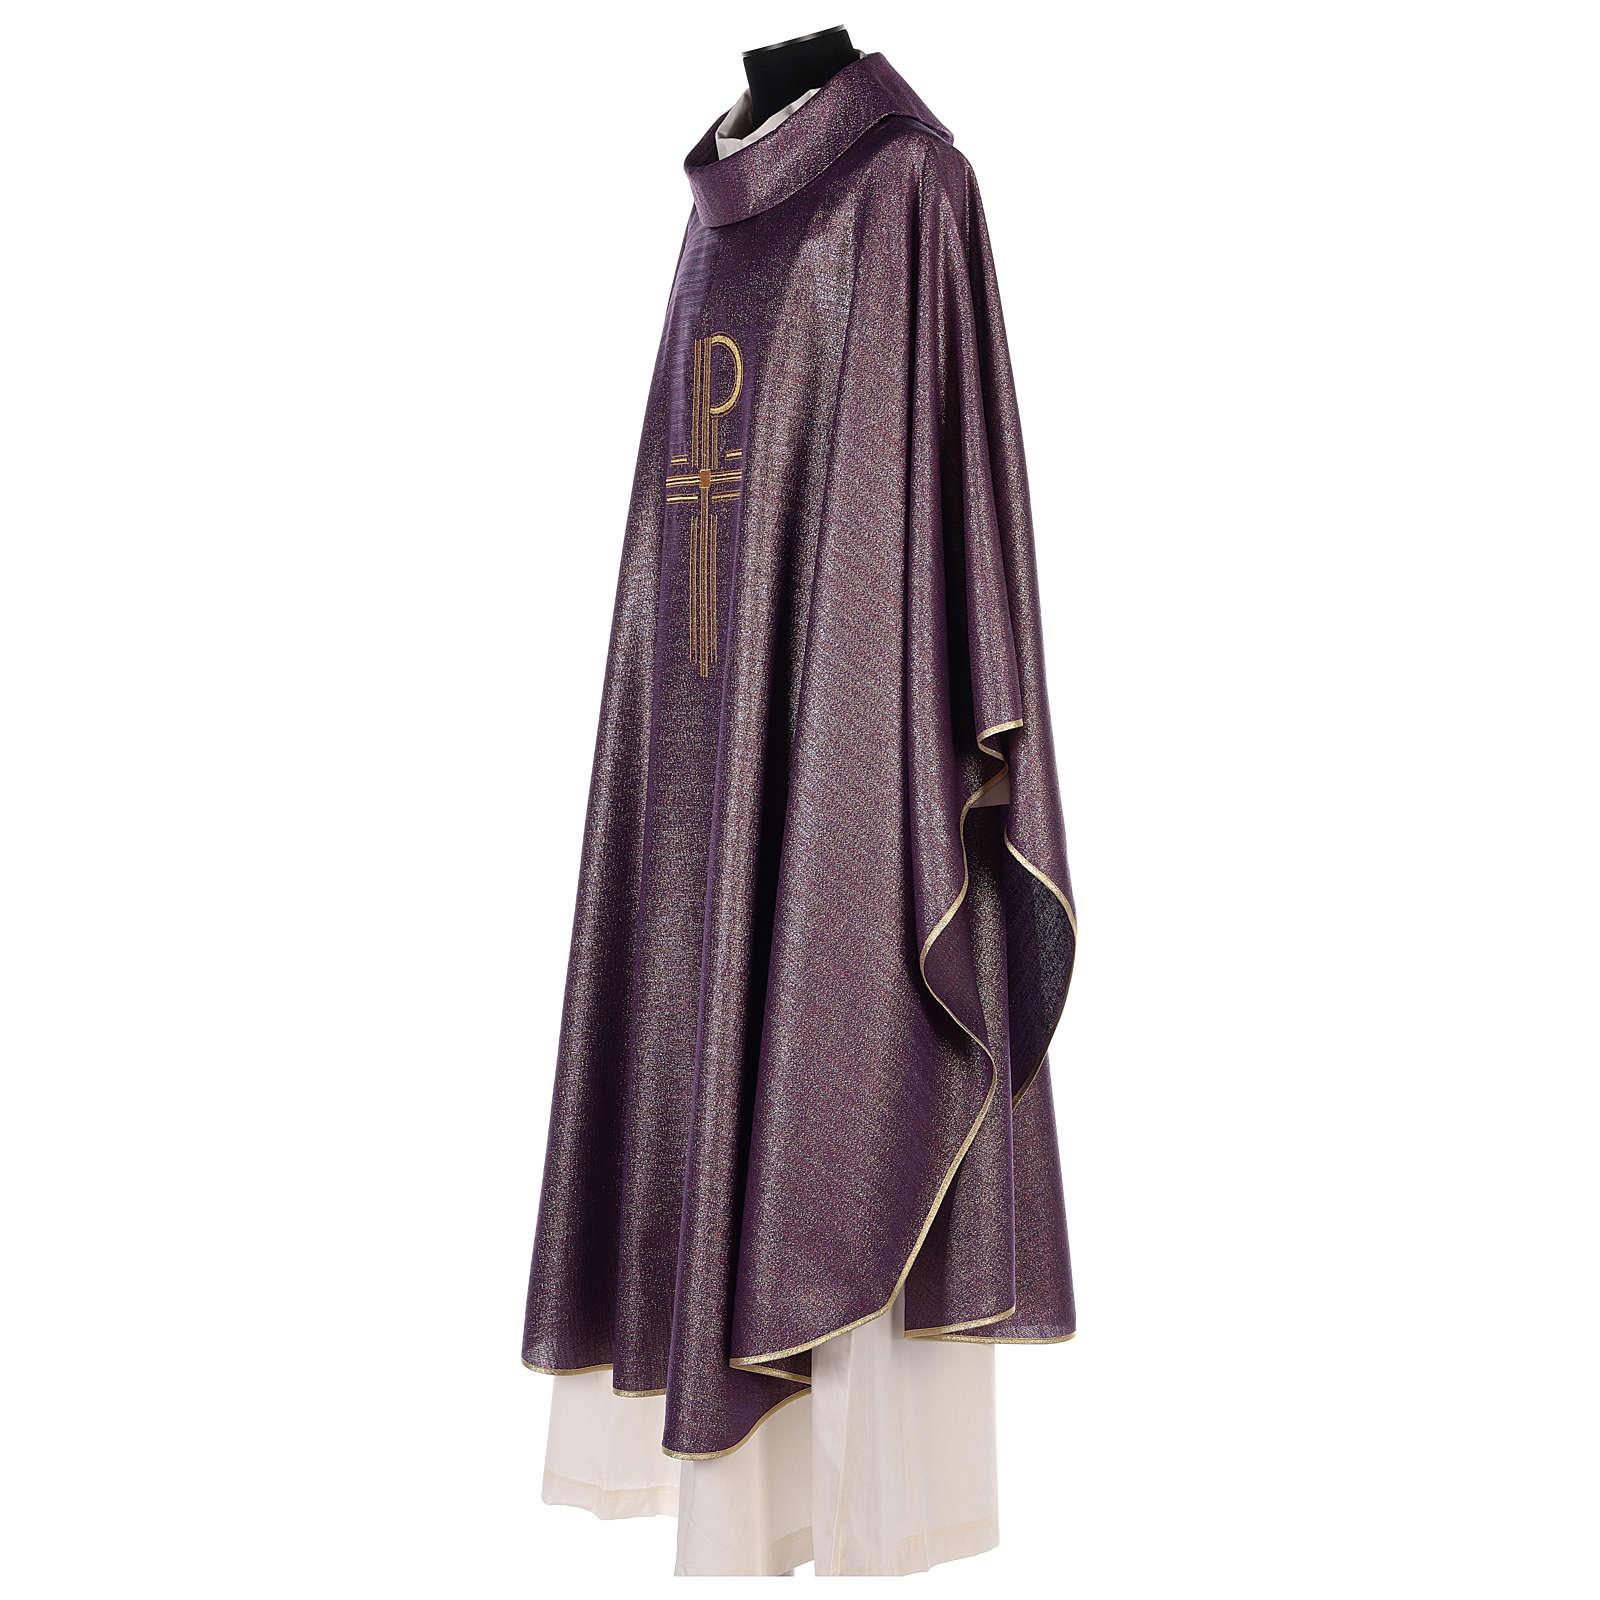 Casulla brillante 100% pura lana virgen bordado XP 4